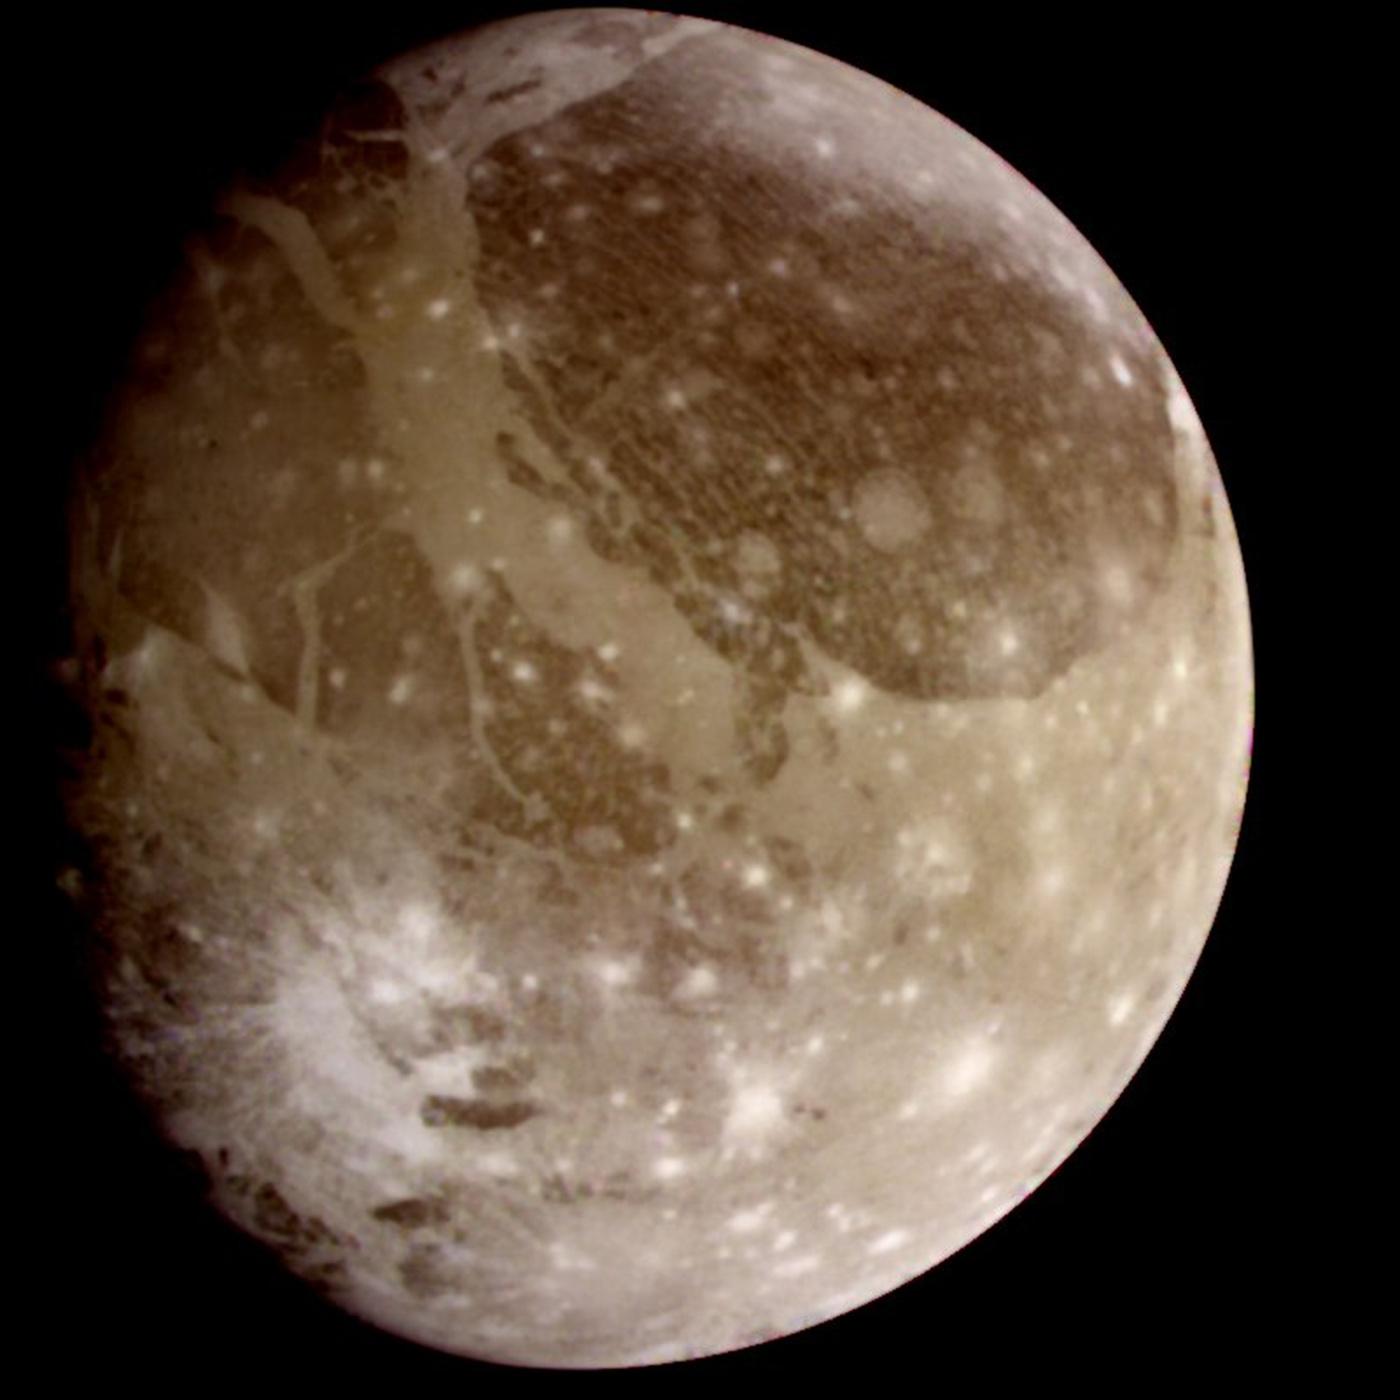 Ганимед — спутник Юпитера, крупнейший спутник в Солнечной системе. Ганимед состоит из примерно равного количества силикатных пород и водяного льда.